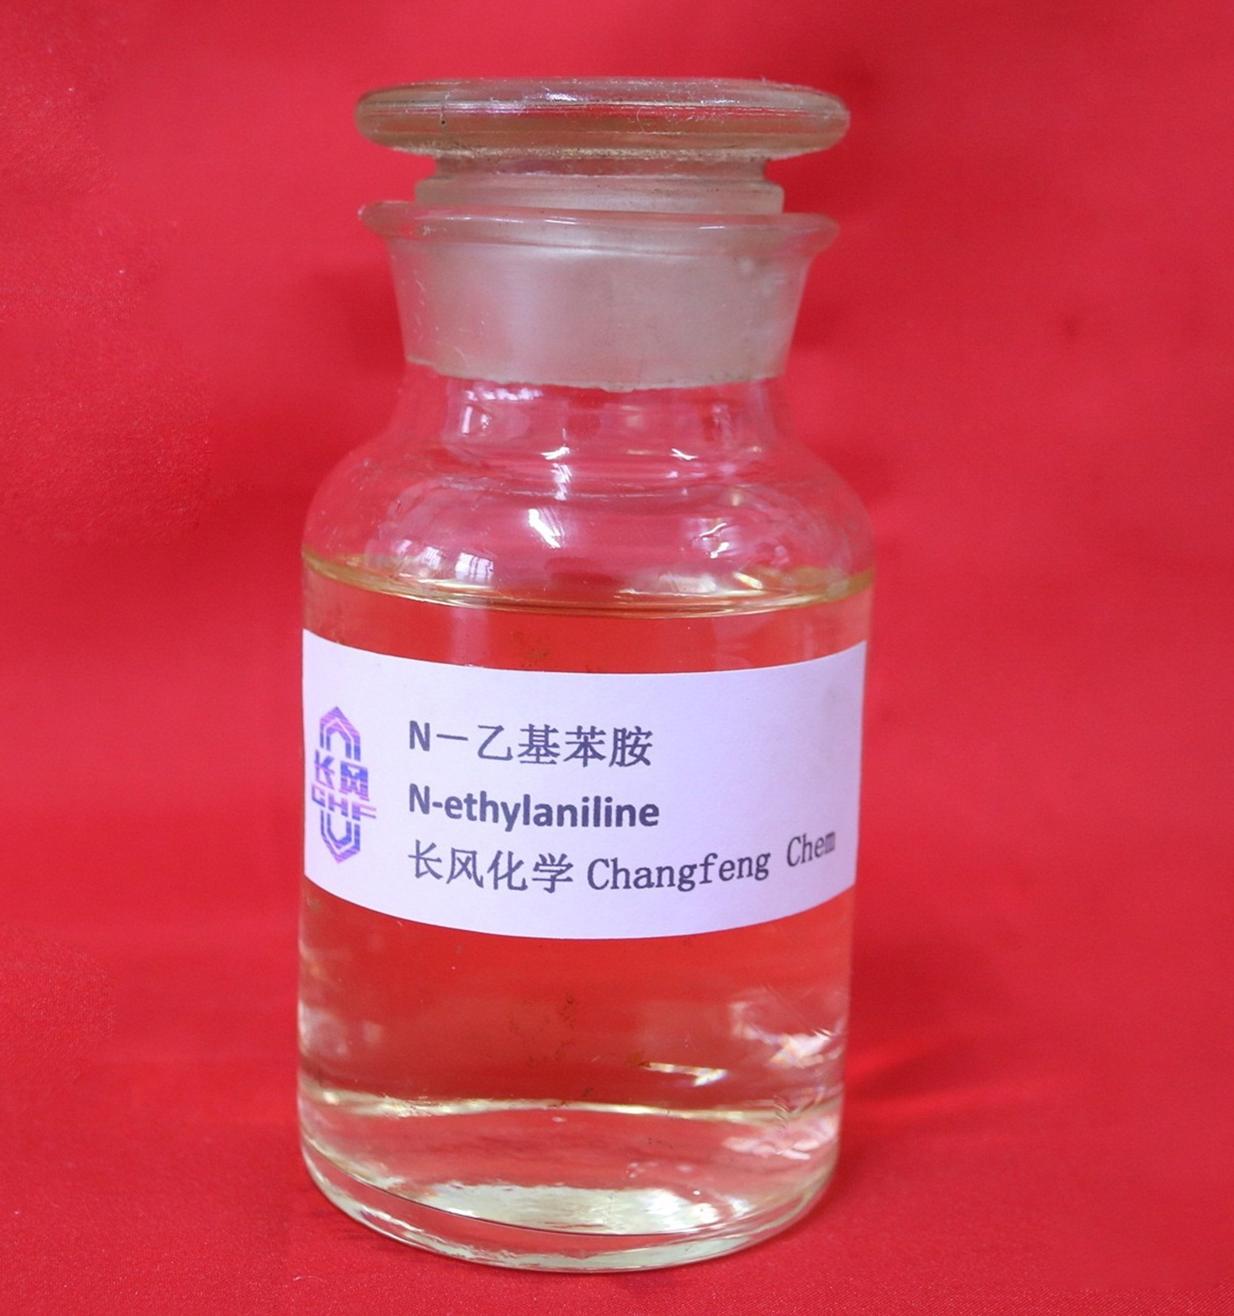 N-ethylaniline